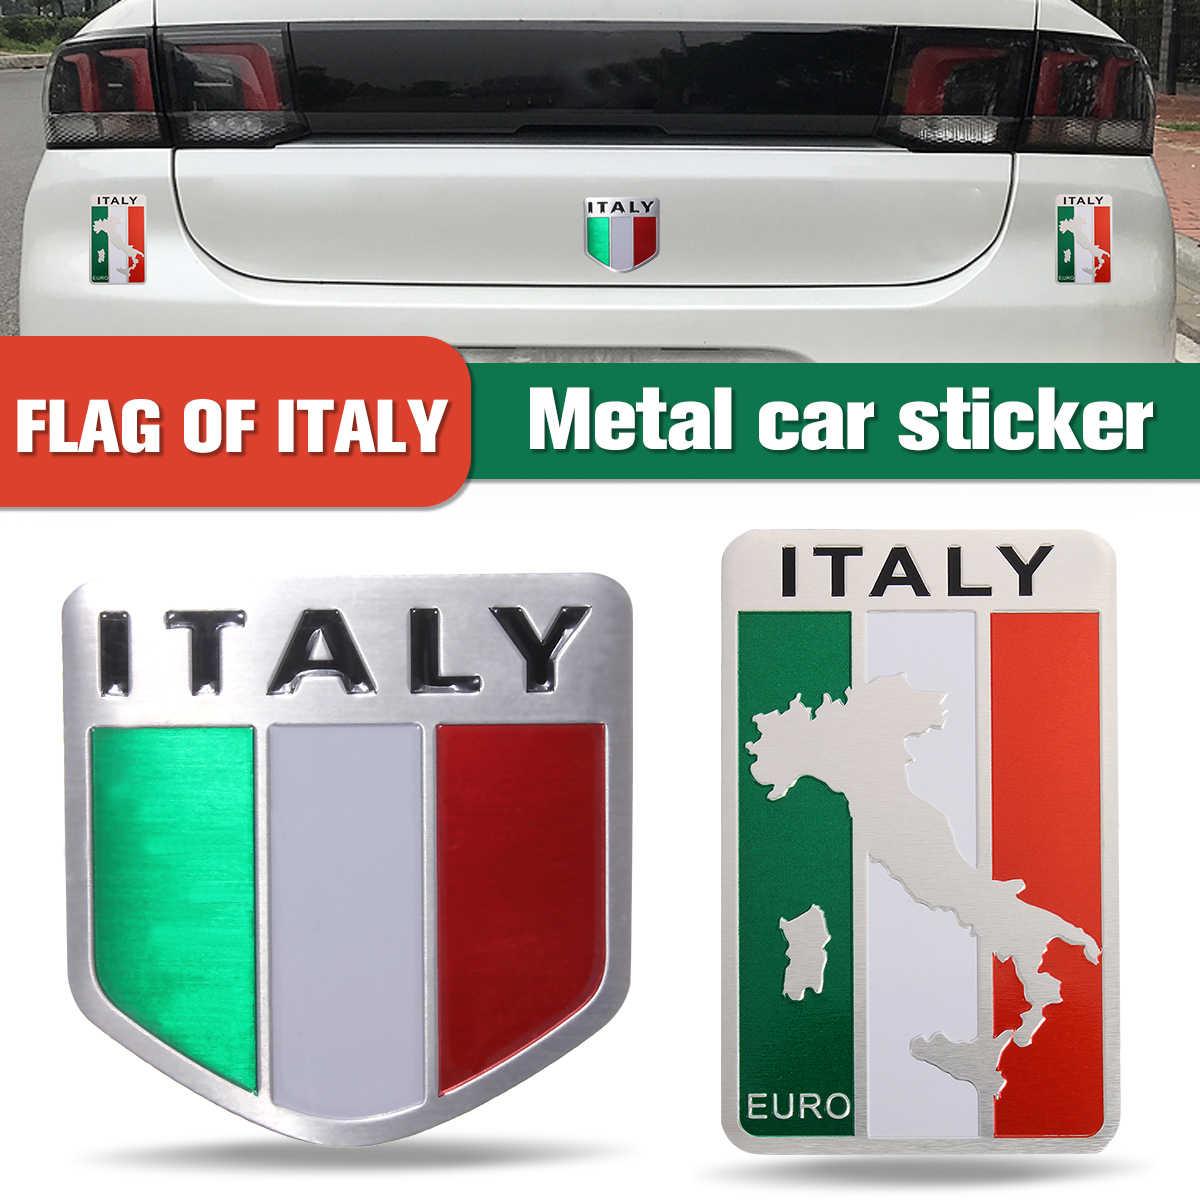 5 センチ × 5 センチ自動合金金属 3D エンブレムバッジレースポーツためイタリアイタリア国旗